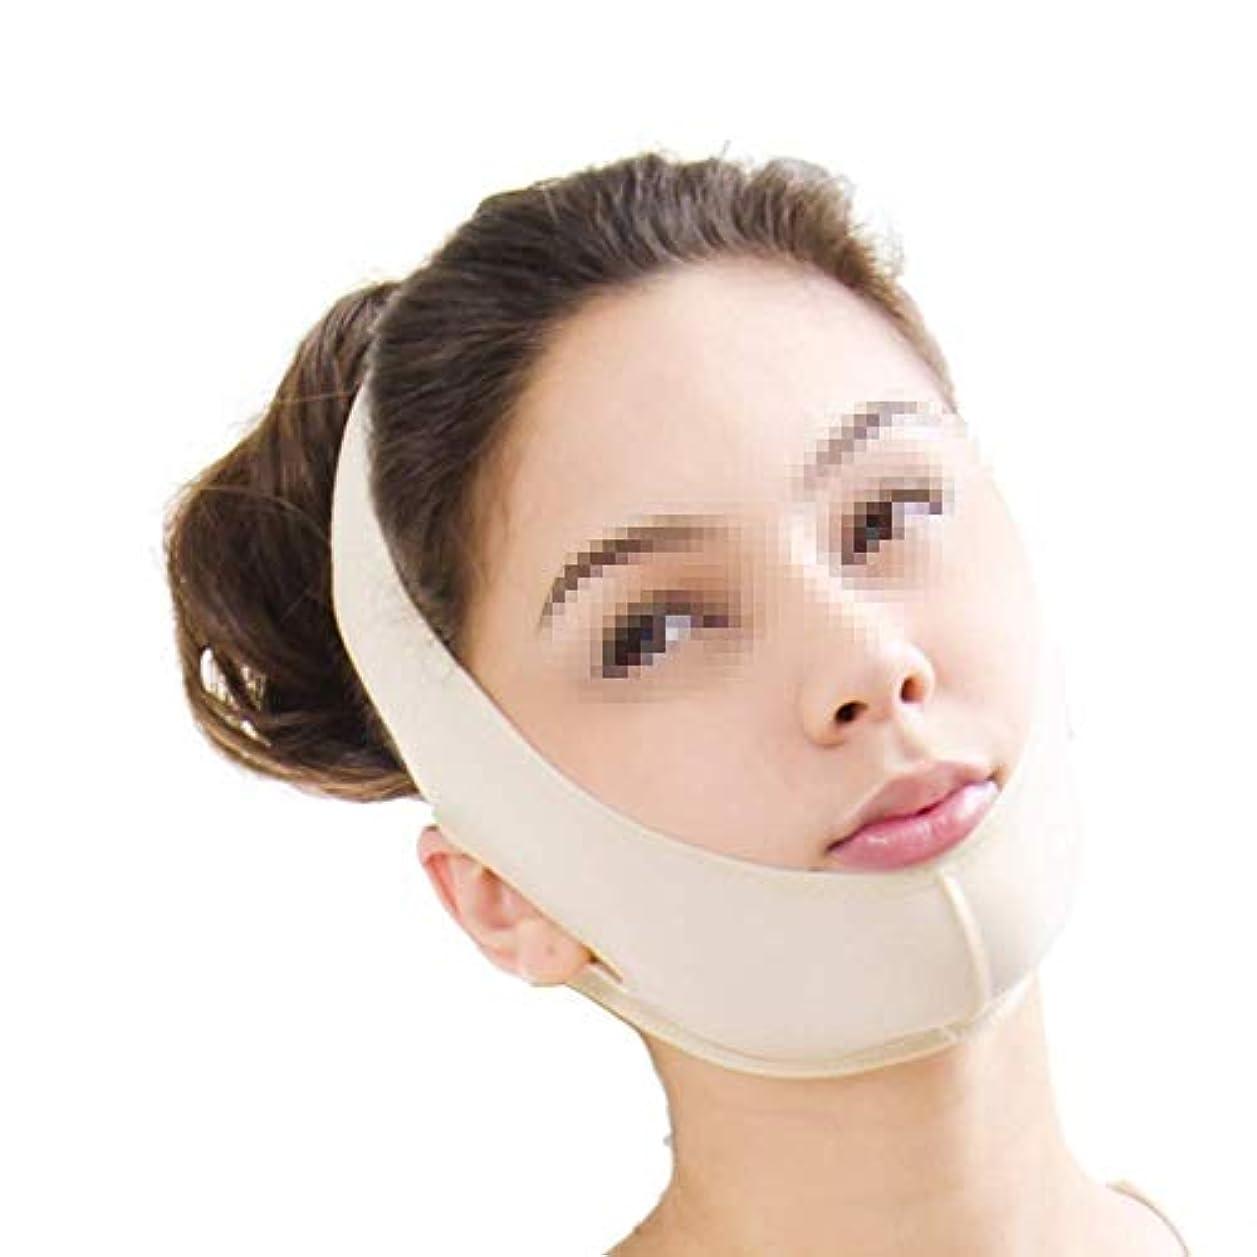 放送気怠い期待するフェイスリフトマスク、顎顔面ダブルチン化粧品脂肪吸引後圧縮小顔包帯弾性ヘッドギア(サイズ:XXL)